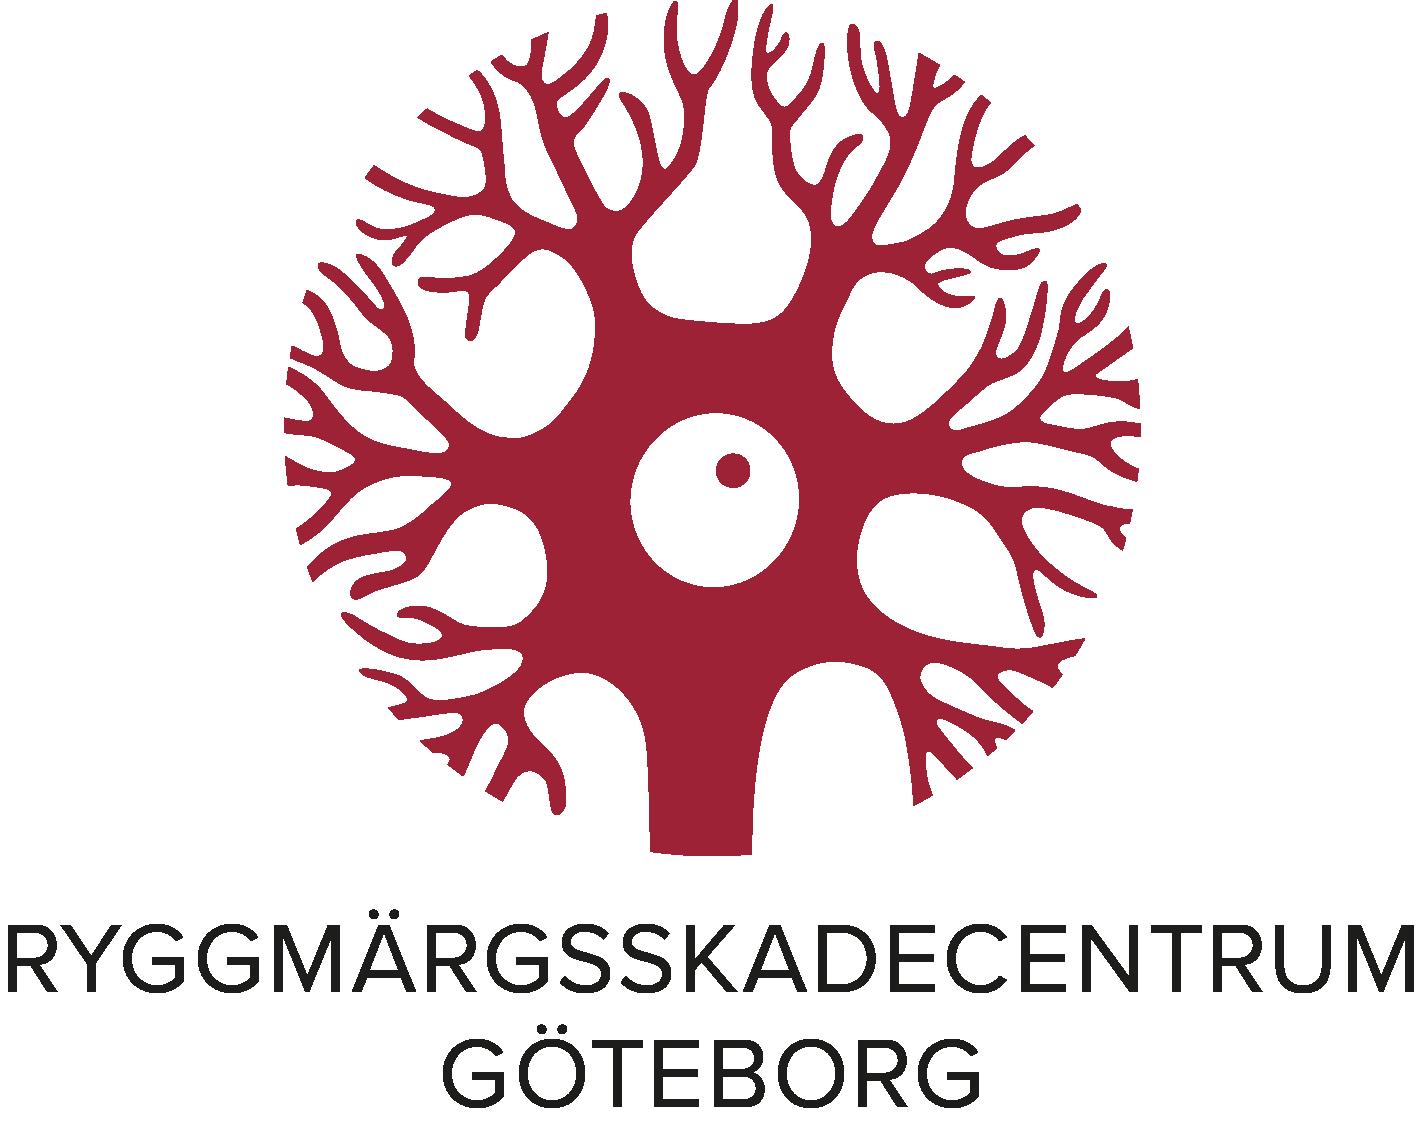 Ryggmärgsskadecentrum Göteborgs logotyp